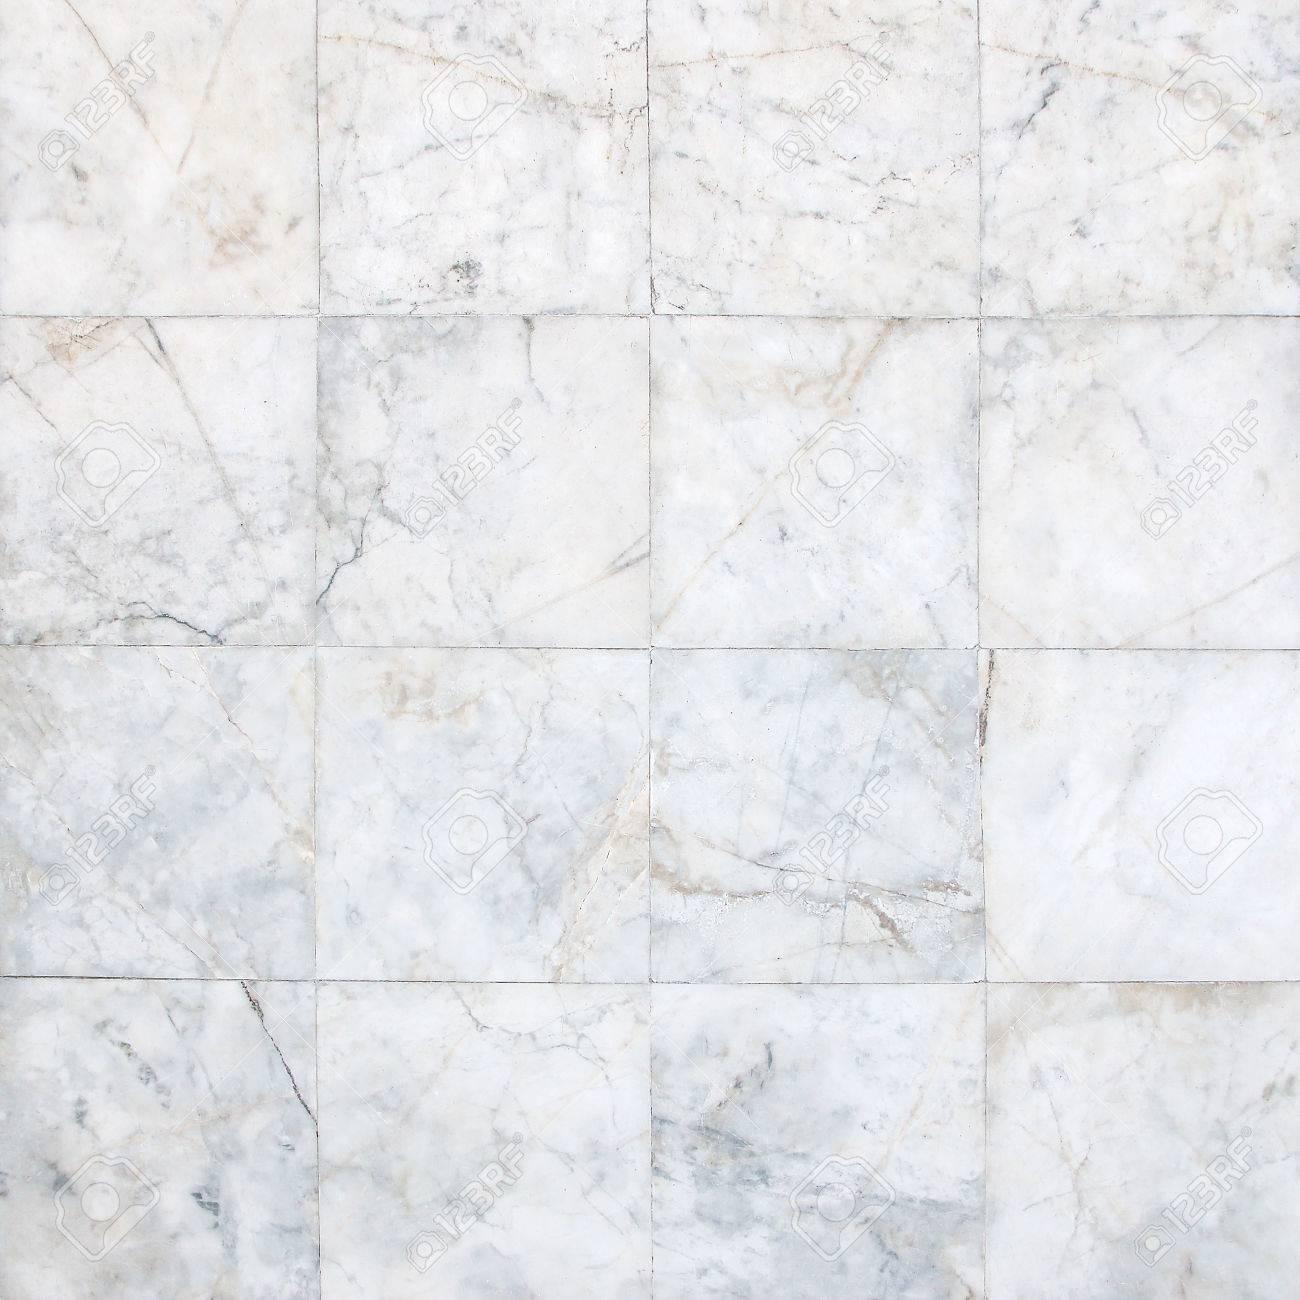 Best Wallpaper Marble Background - 56183056-white-marble-wall-texture-wallpaper-background  Best Photo Reference_297261.jpg